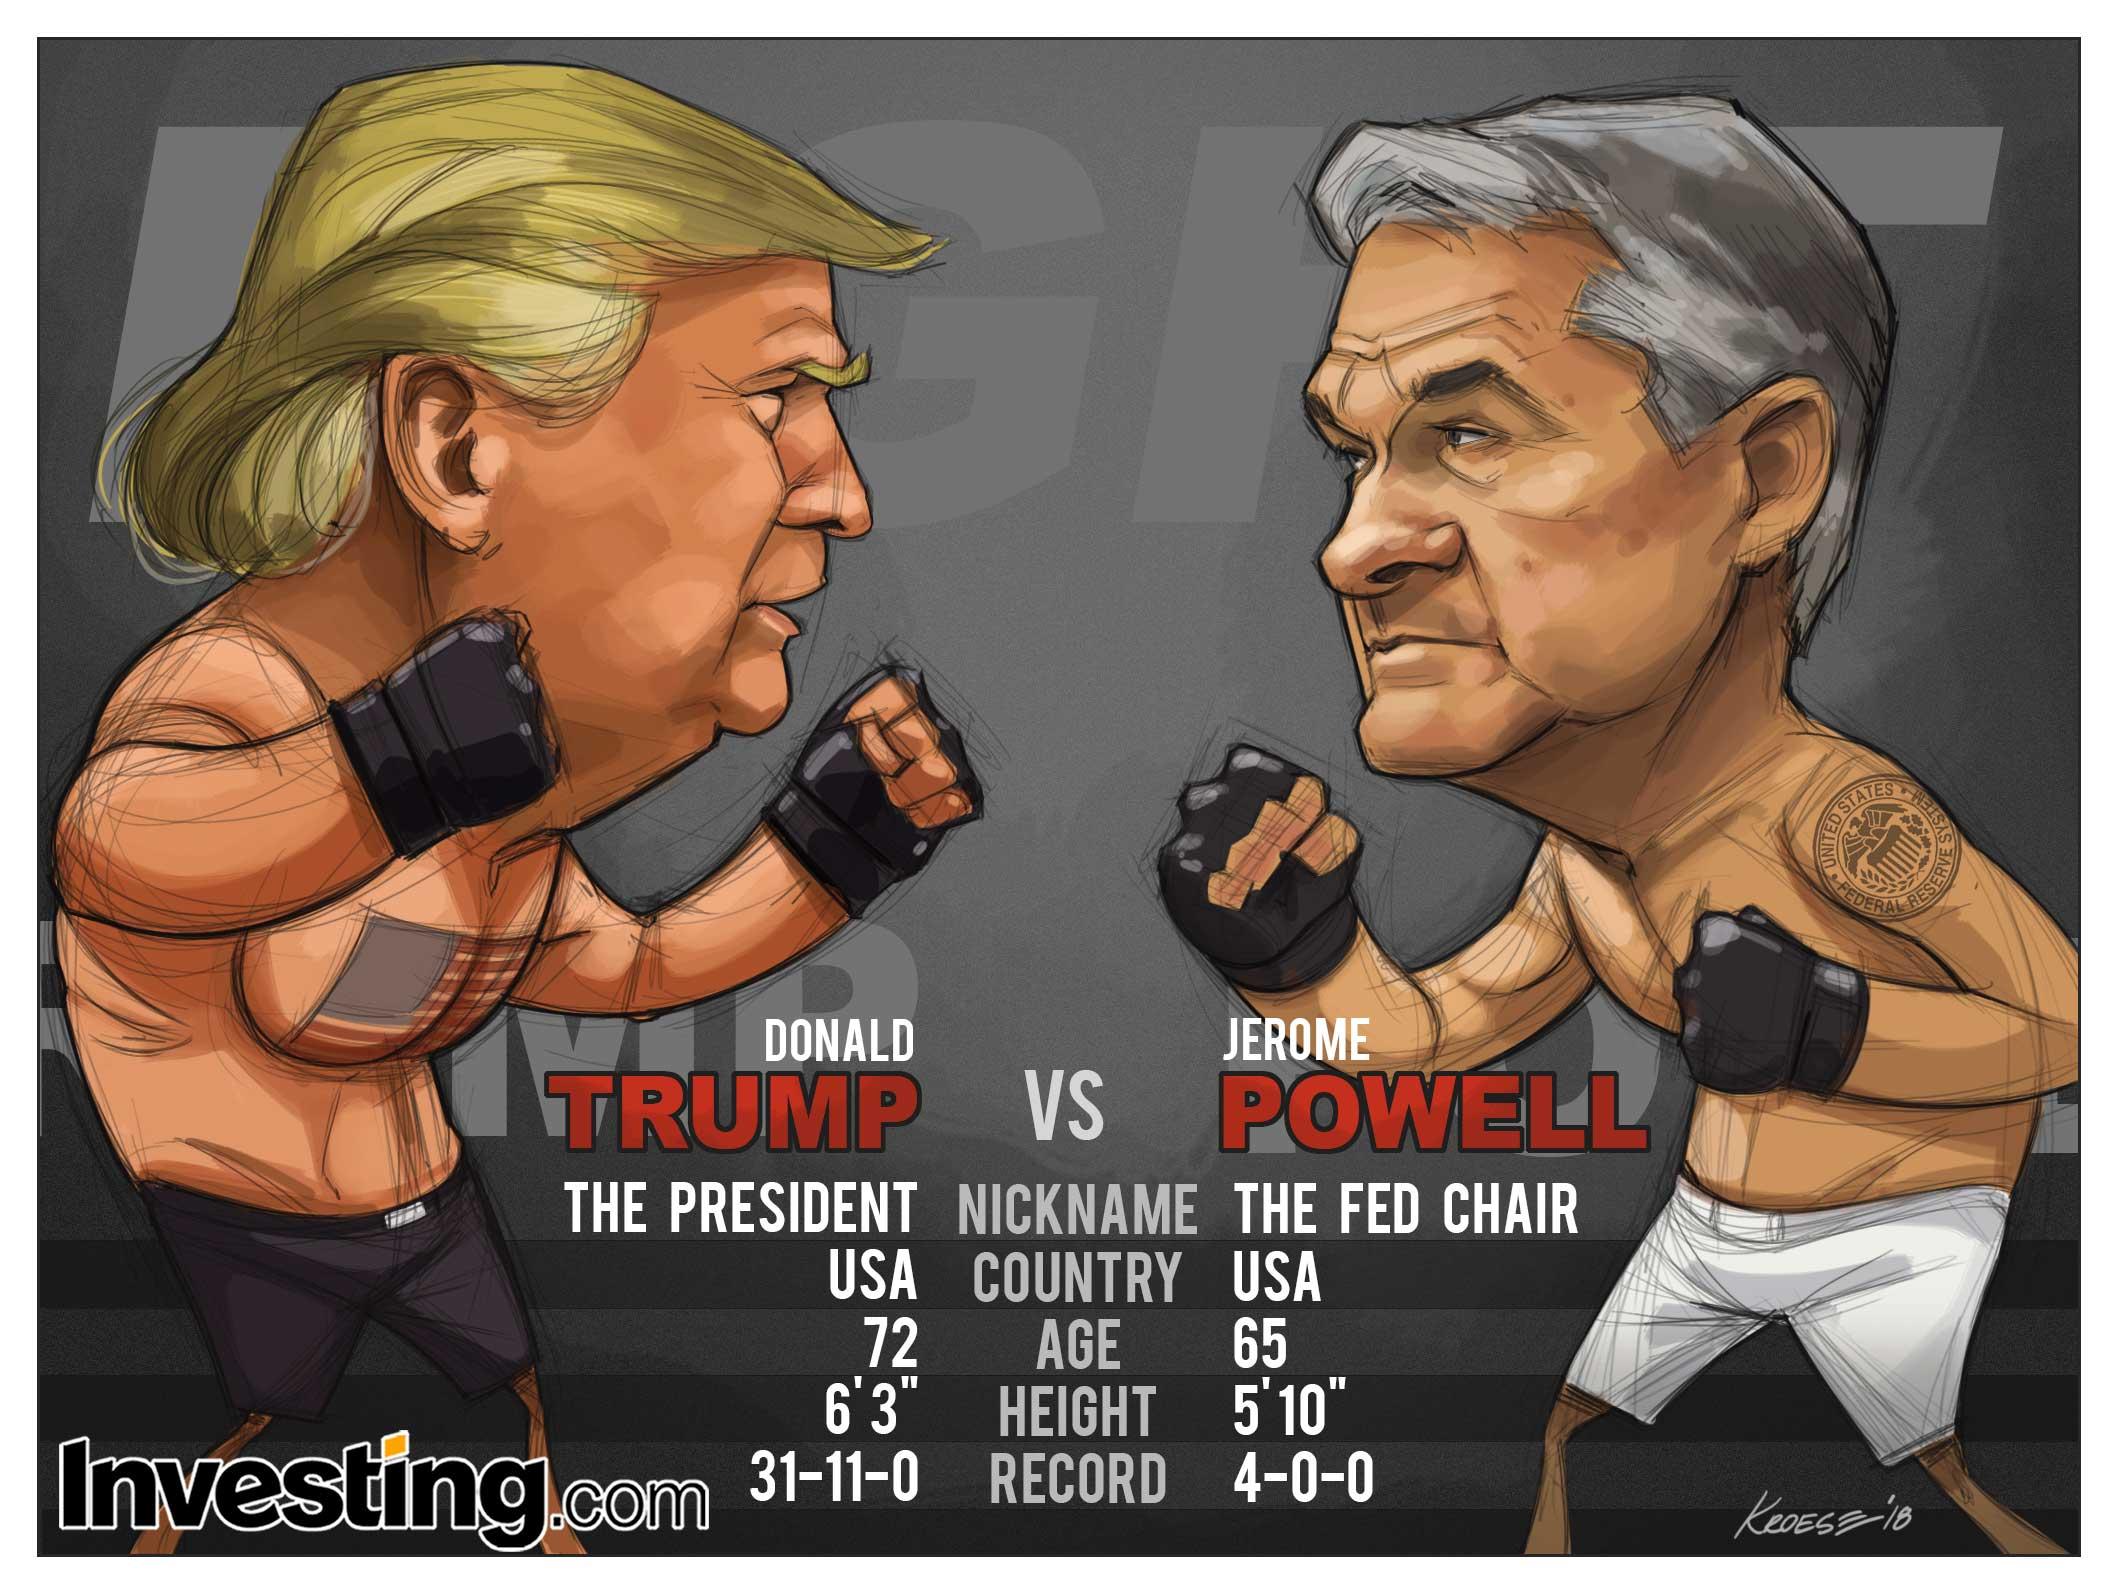 Le bras de fer entre Trump et Powell est l'événement principal de la semaine